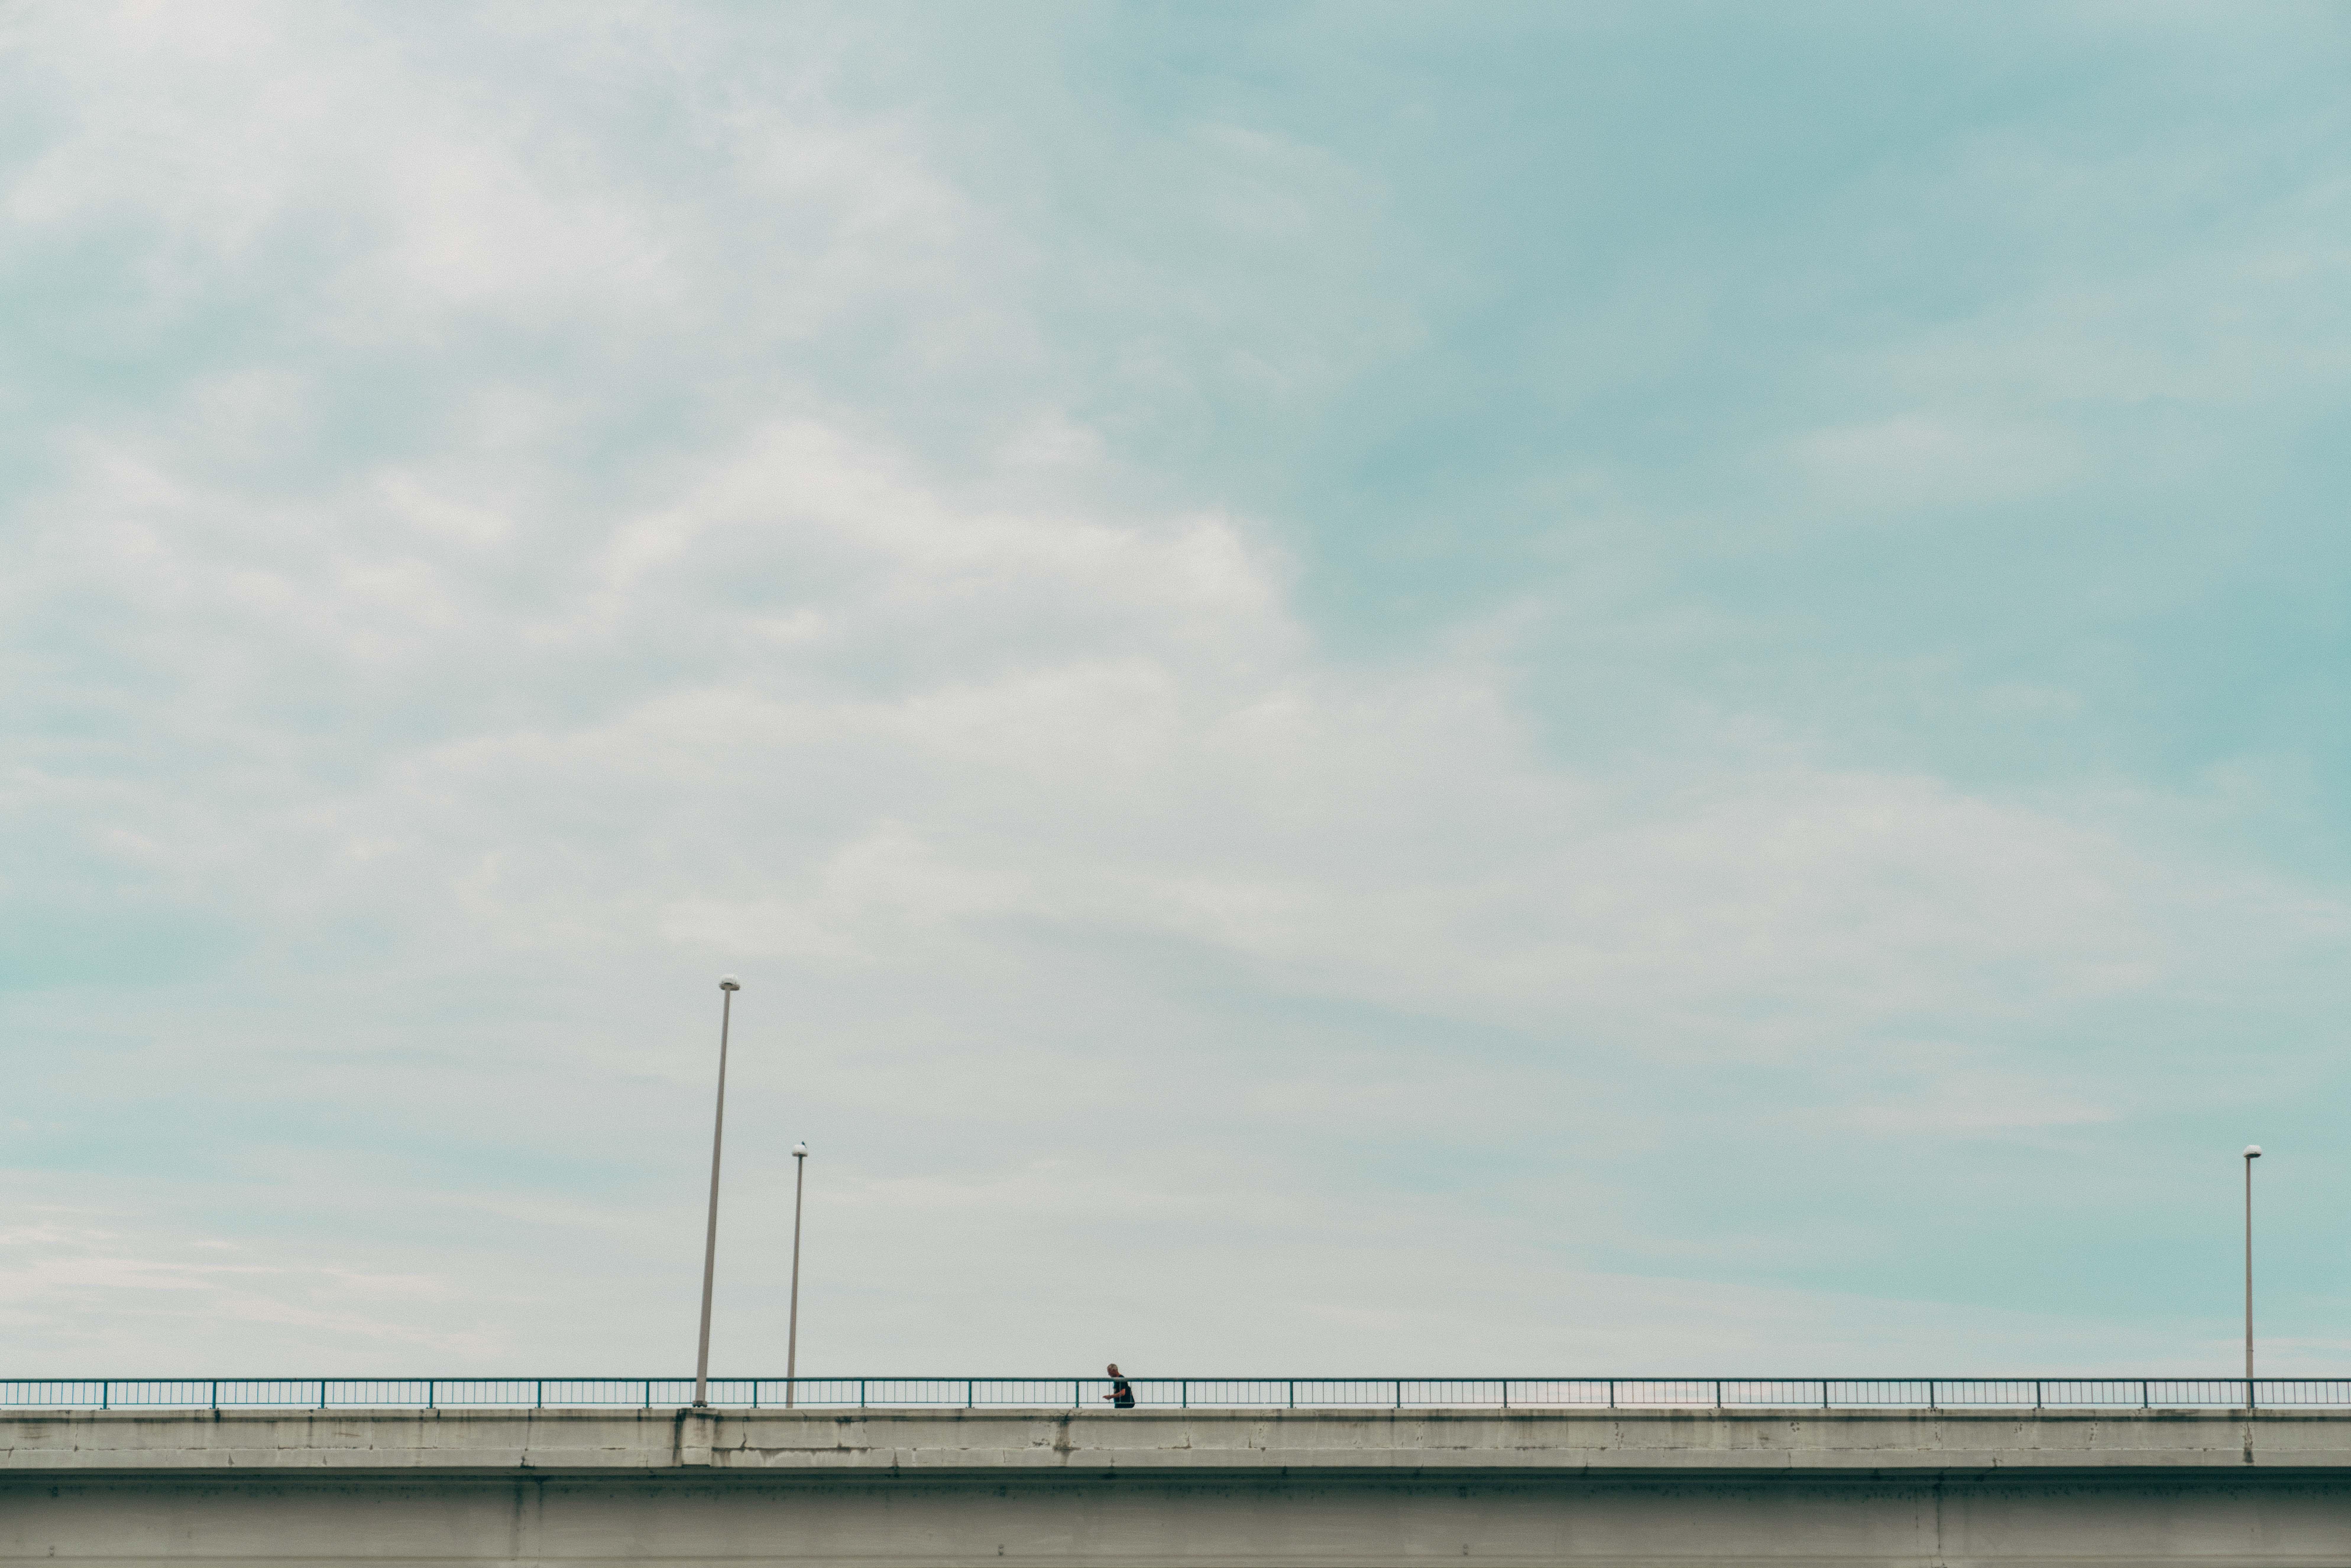 gray suspension bridge under white clouds during daytime